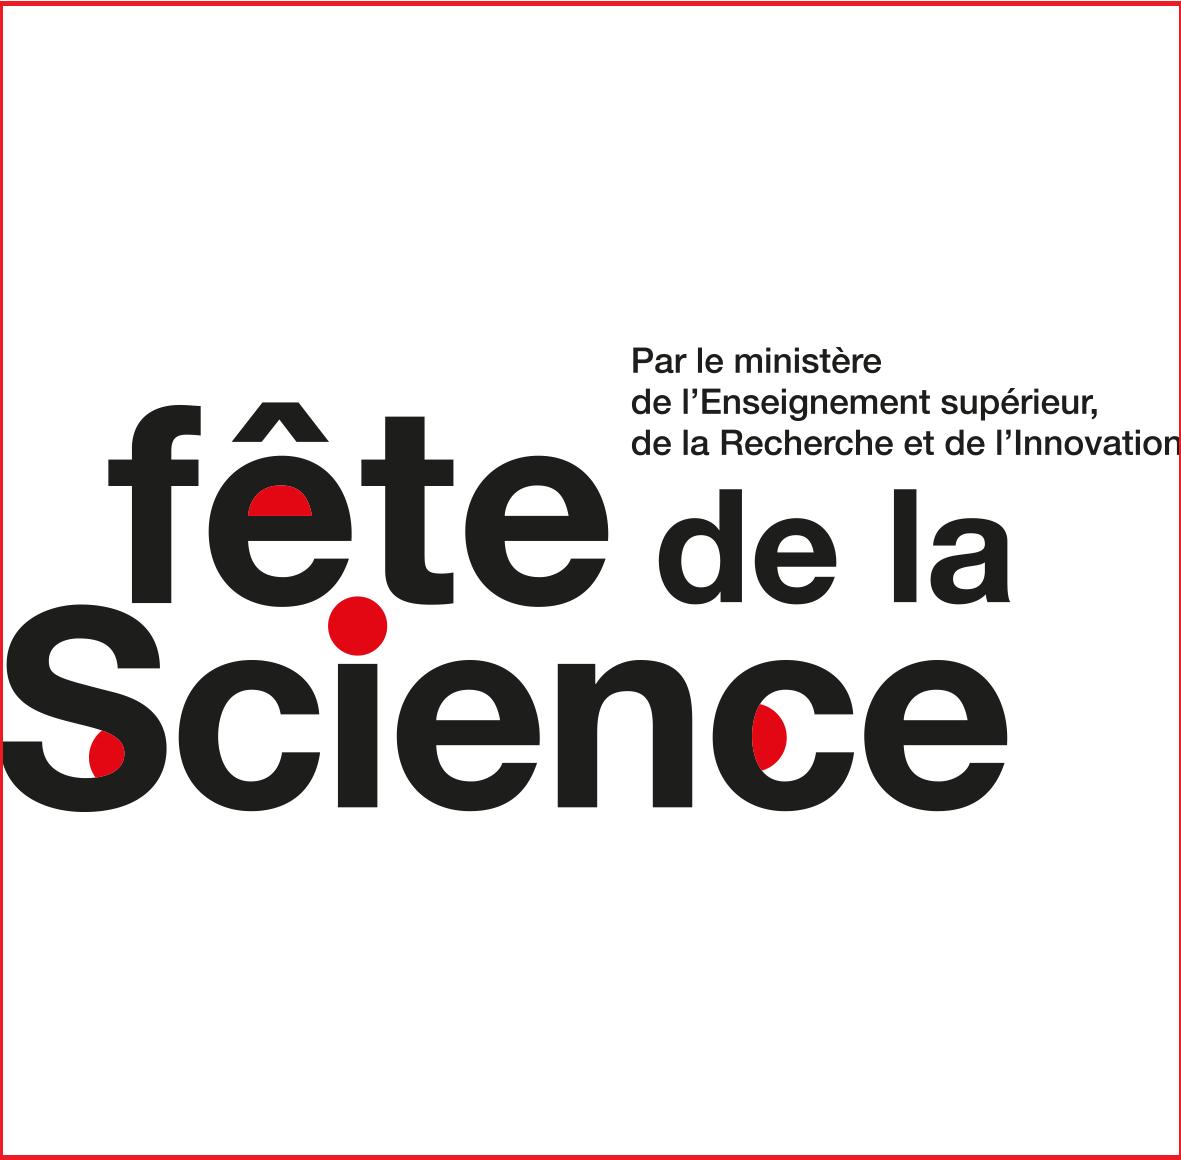 1FdS_signature_noir_rouge test